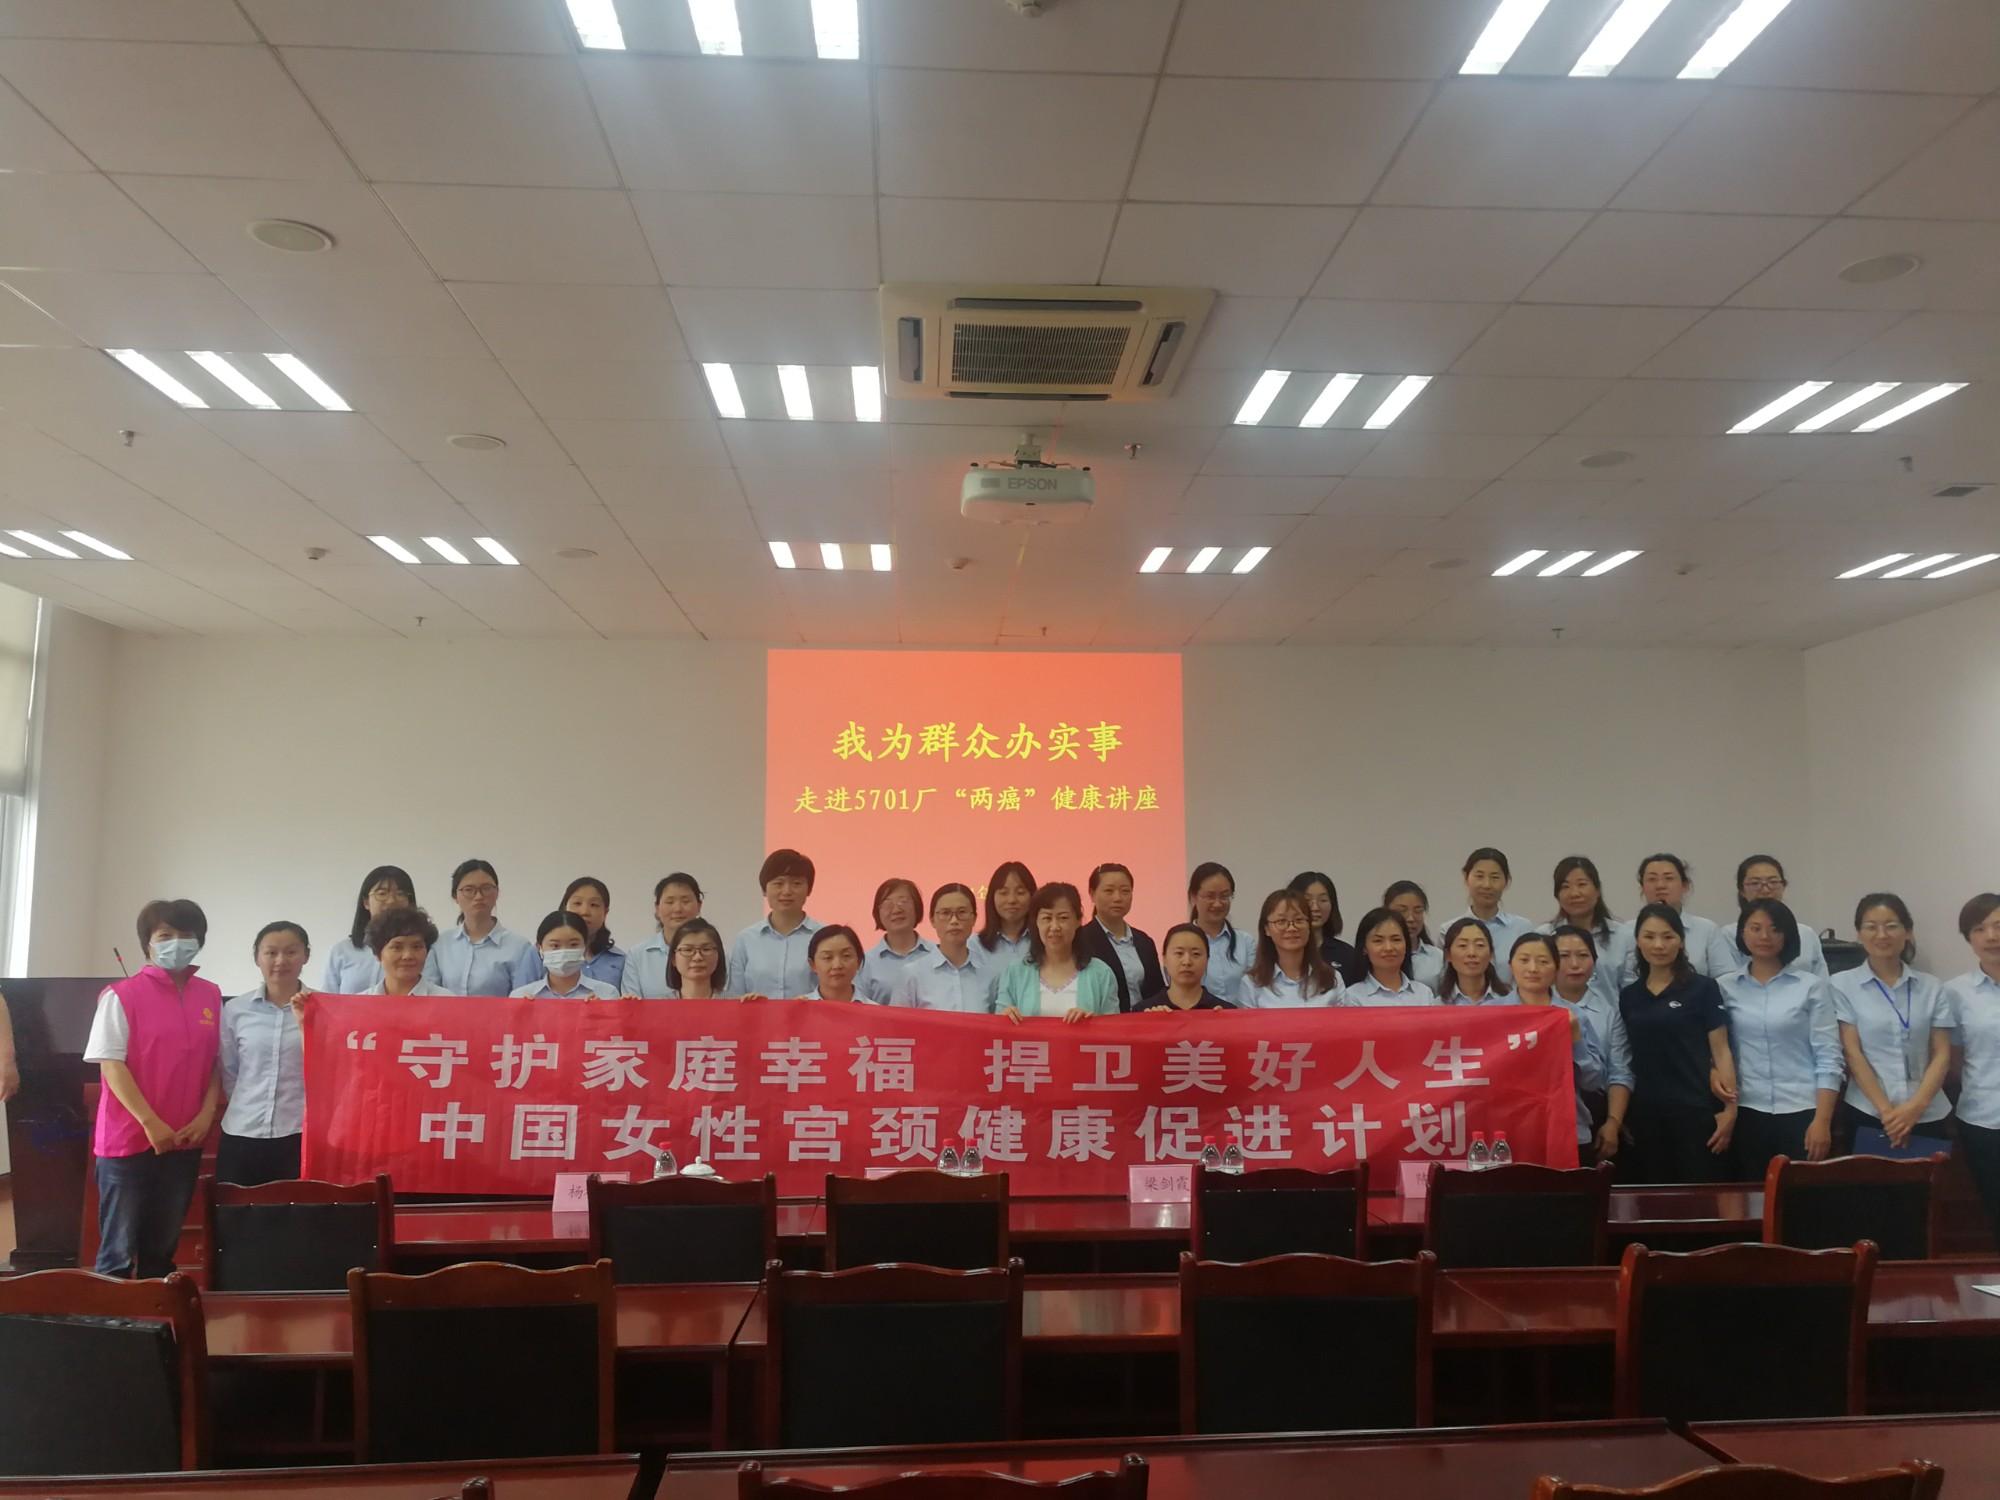 """""""守护家庭幸福 捍卫美好人生"""" 中国女性宫颈健康促进宣传活动(第二站)"""